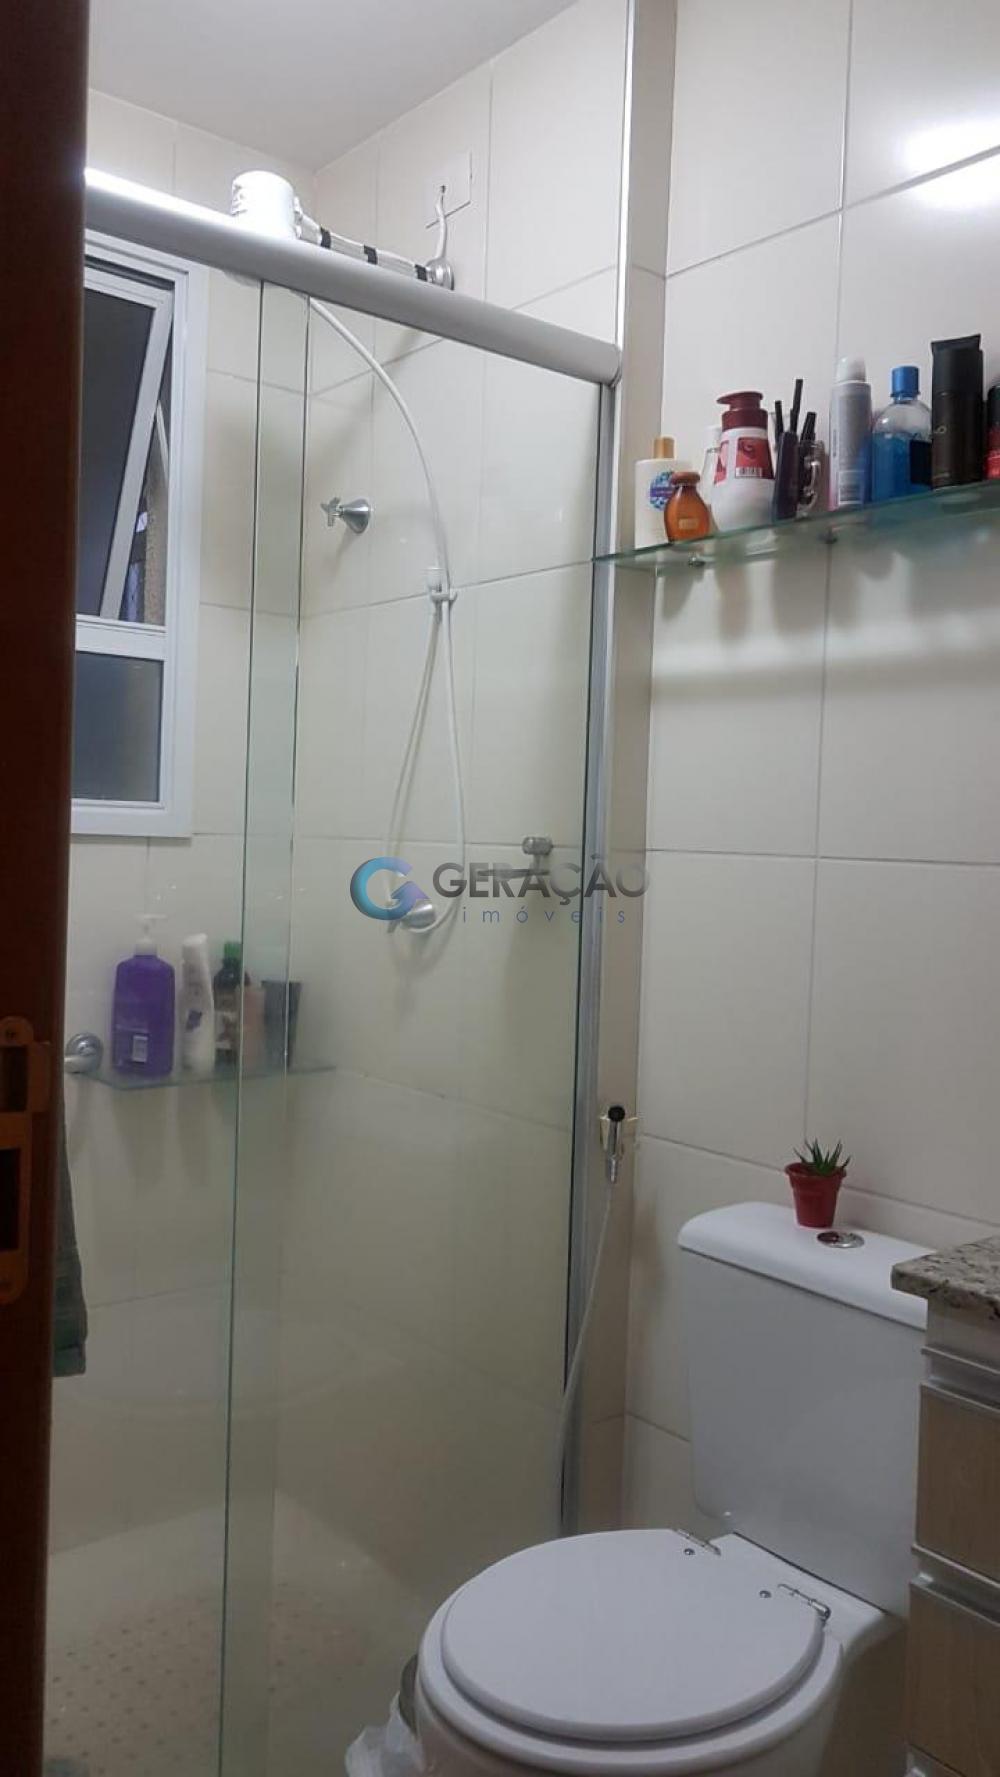 Comprar Apartamento / Padrão em São José dos Campos R$ 340.000,00 - Foto 10